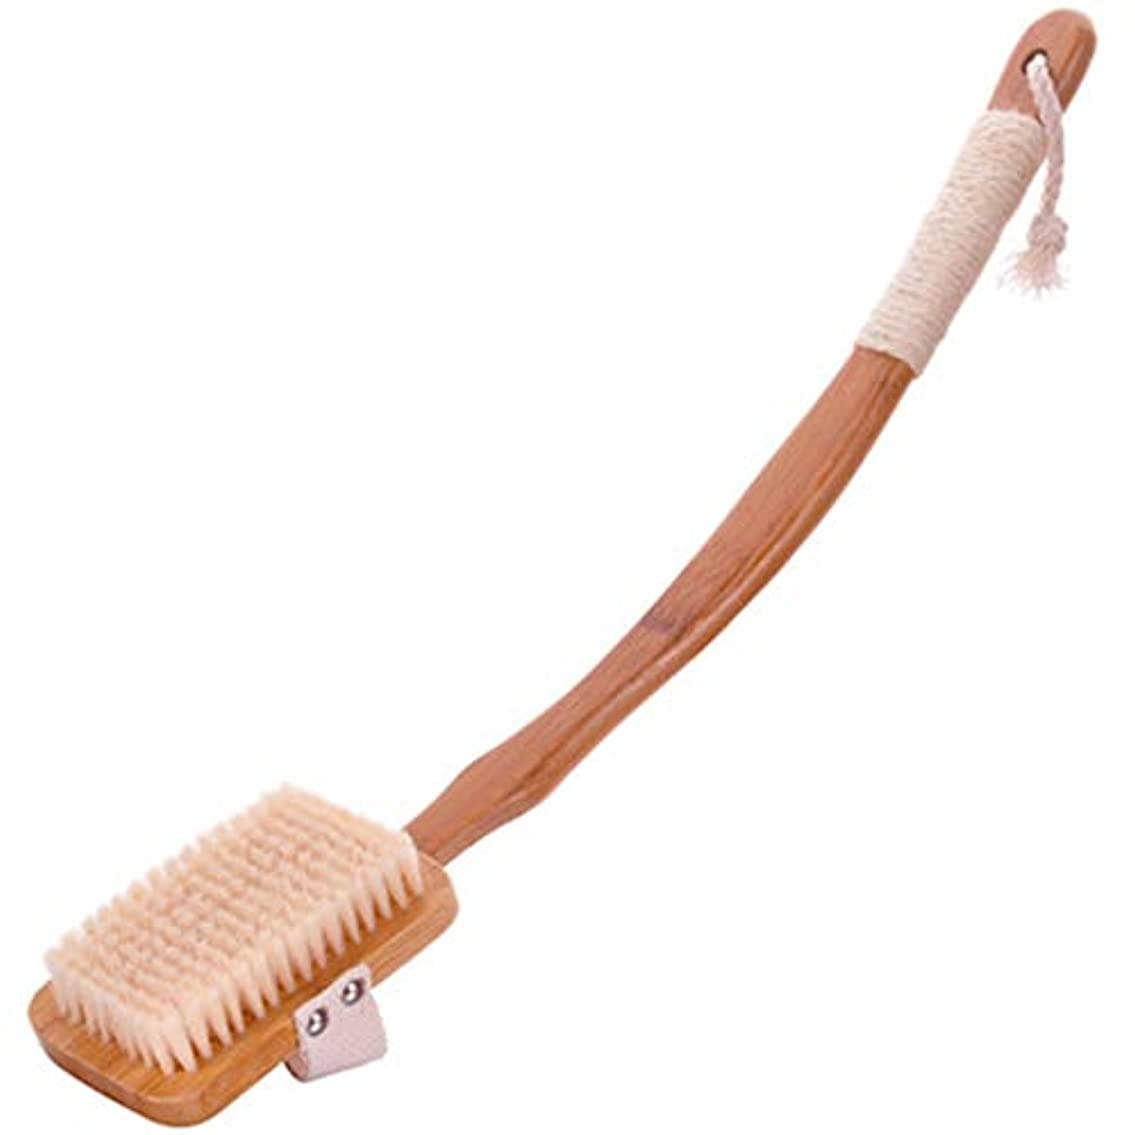 キャスト中絶ディスパッチバスブラシバックブラシロングハンドルやわらかい毛髪バスブラシバスブラシ角質除去クリーニングブラシ (Color : Wood color)